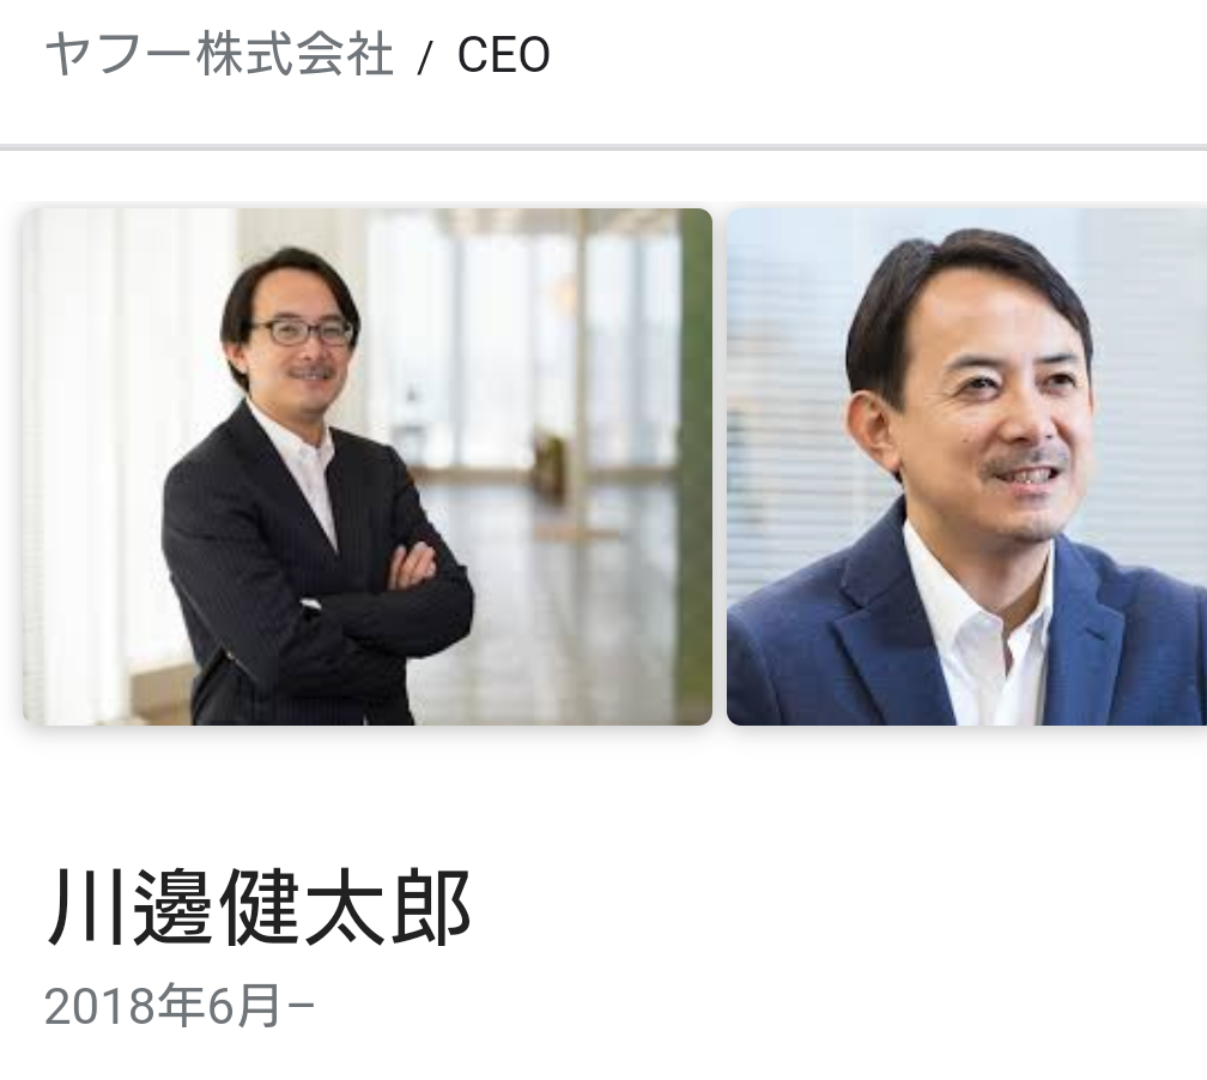 【速報】ヤフーがZOZO買収!!!前澤社長は退任!!!!!!!!!